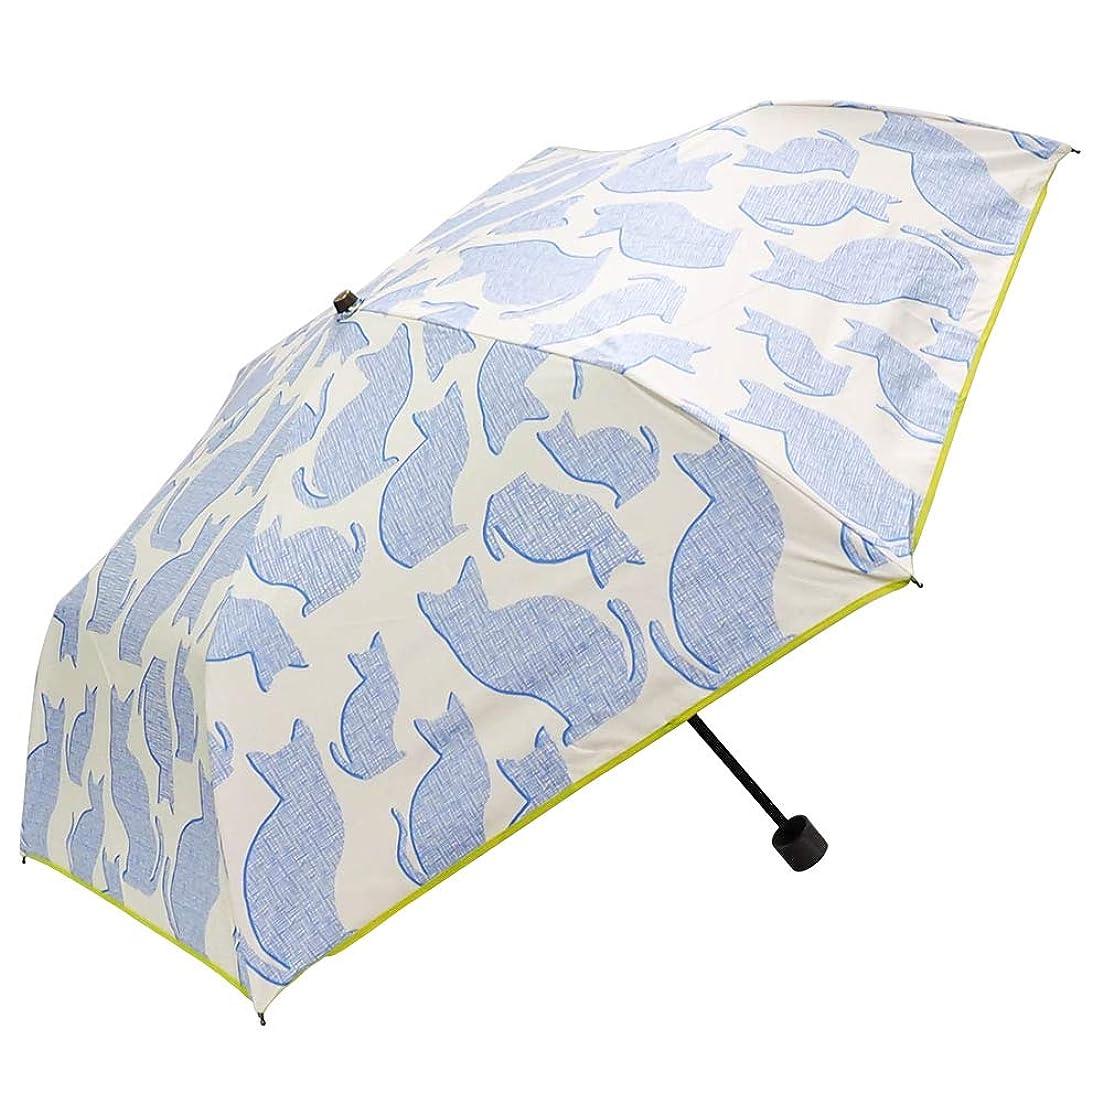 農民火炎とまり木macocca(マコッカ) 完全遮光 遮光率100% UVカット率100% 超撥水 デザインシリーズ 晴雨兼用傘 折りたたみ傘 50cm 猫柄